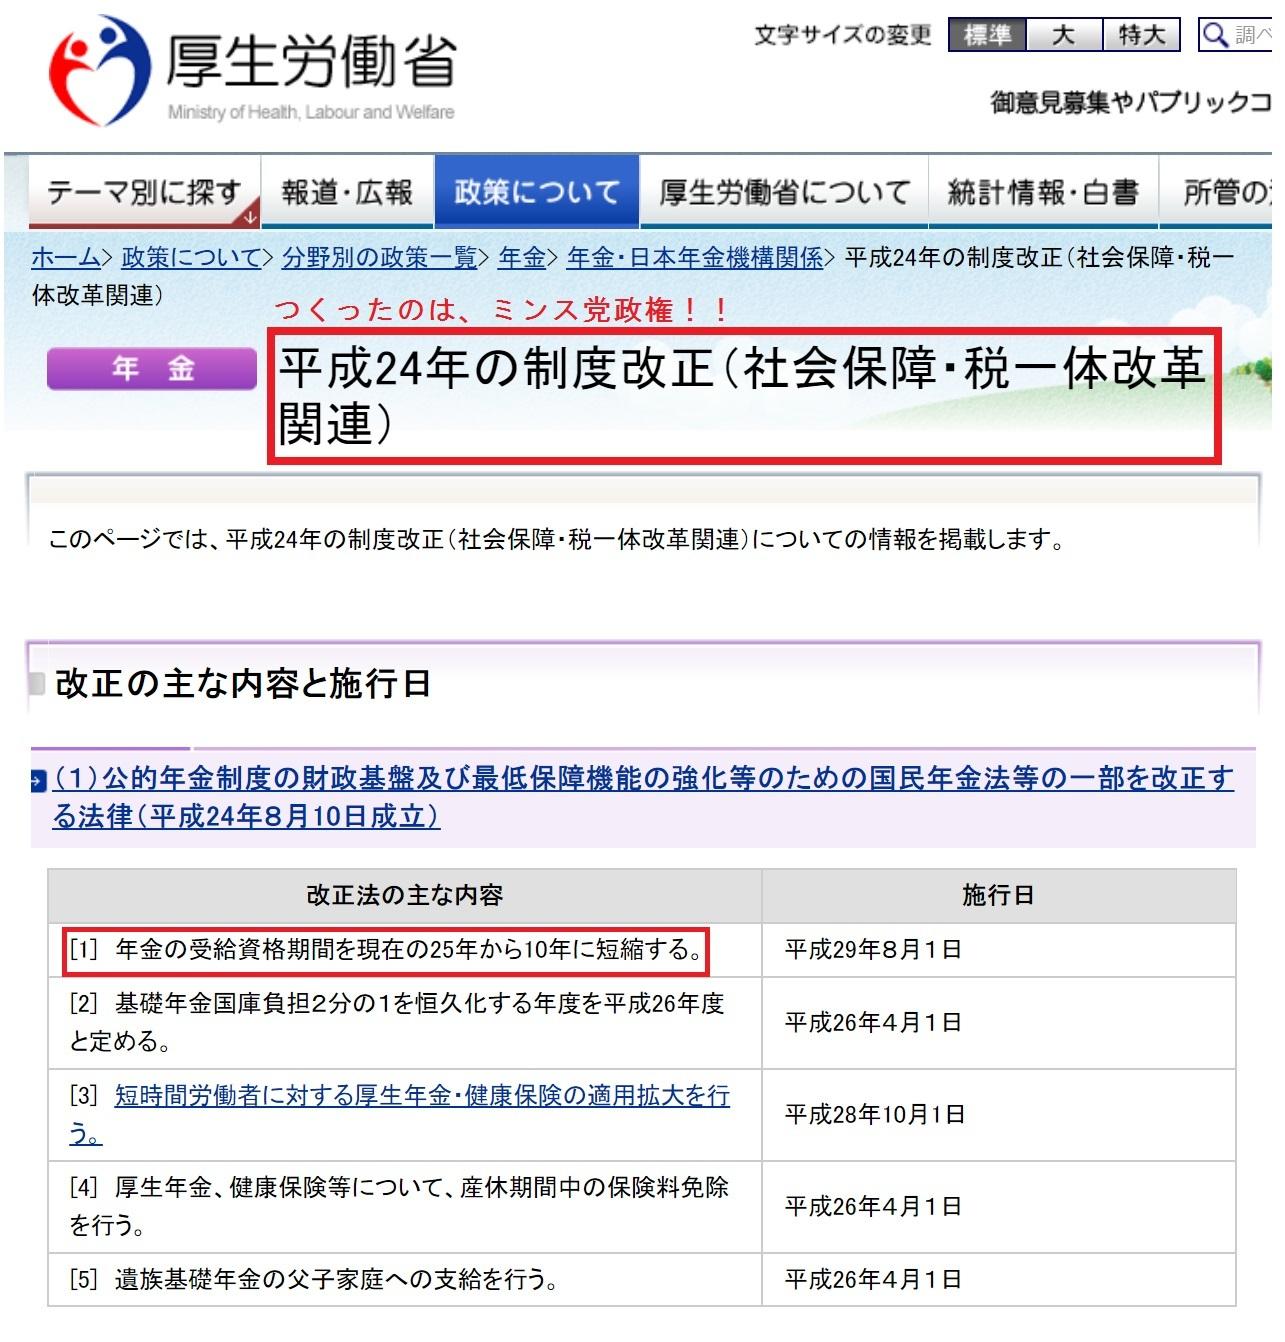 ミンス党政権による年金改正3